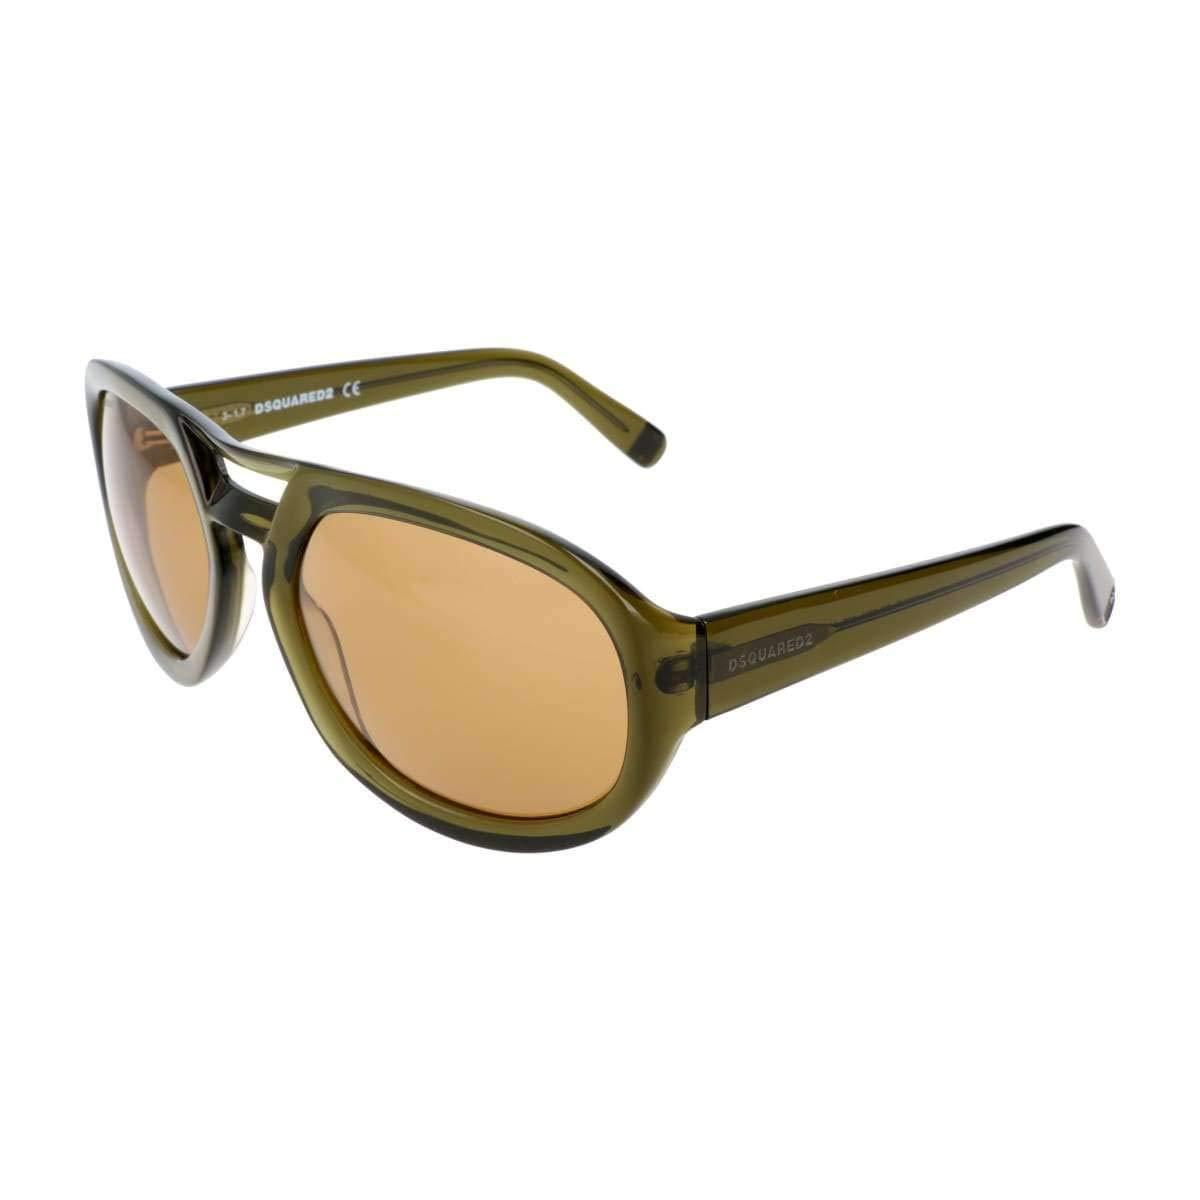 DSQUARED SONNENBRILLE Sunglasses DQ0226 schwarz EUR 109